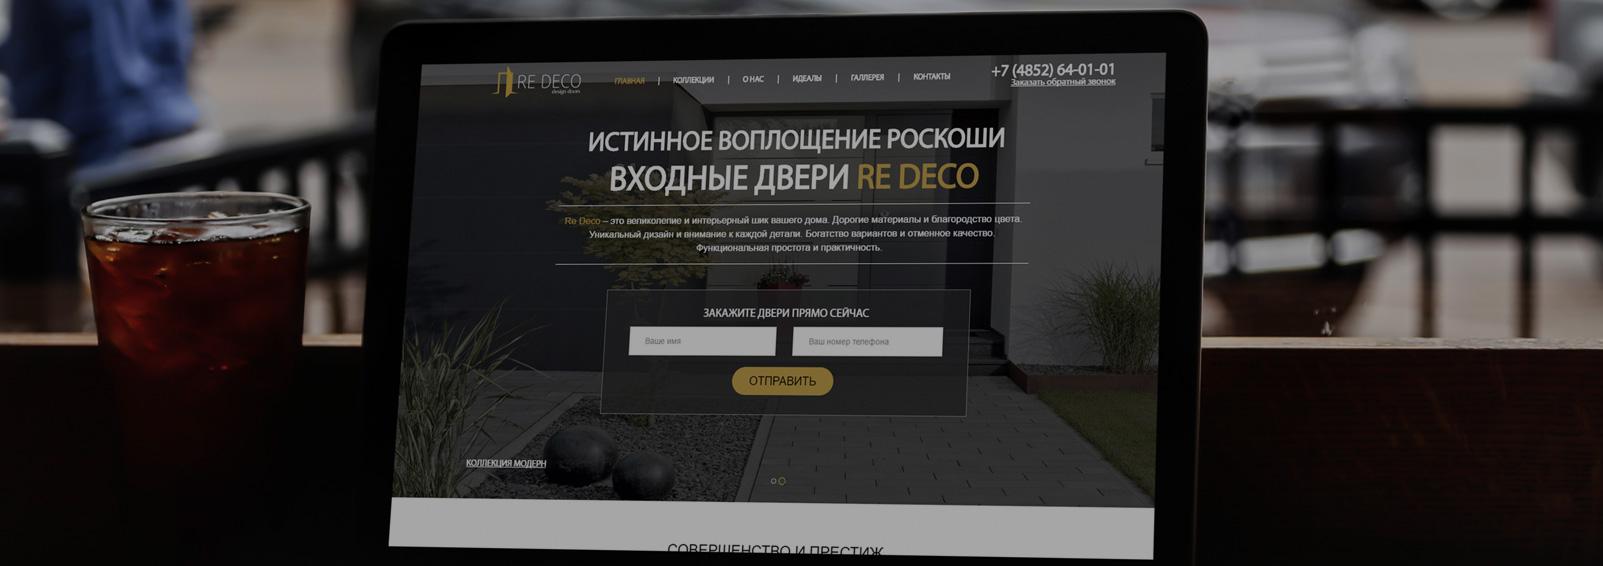 Создание сайта по продаже дверей